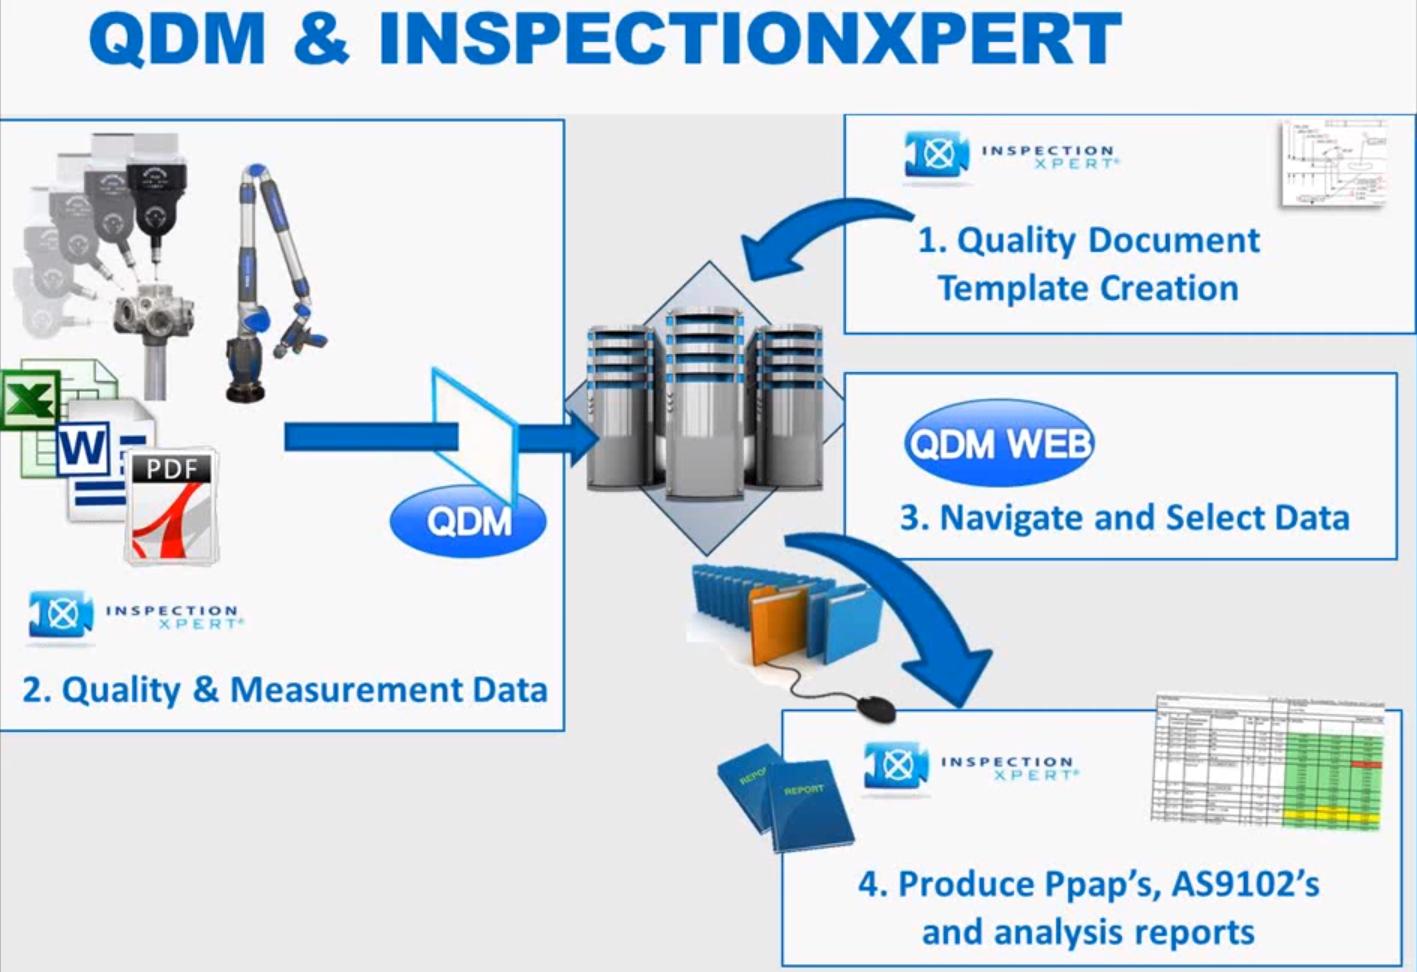 qdm-inspectionxpert-ppap-fair-reports